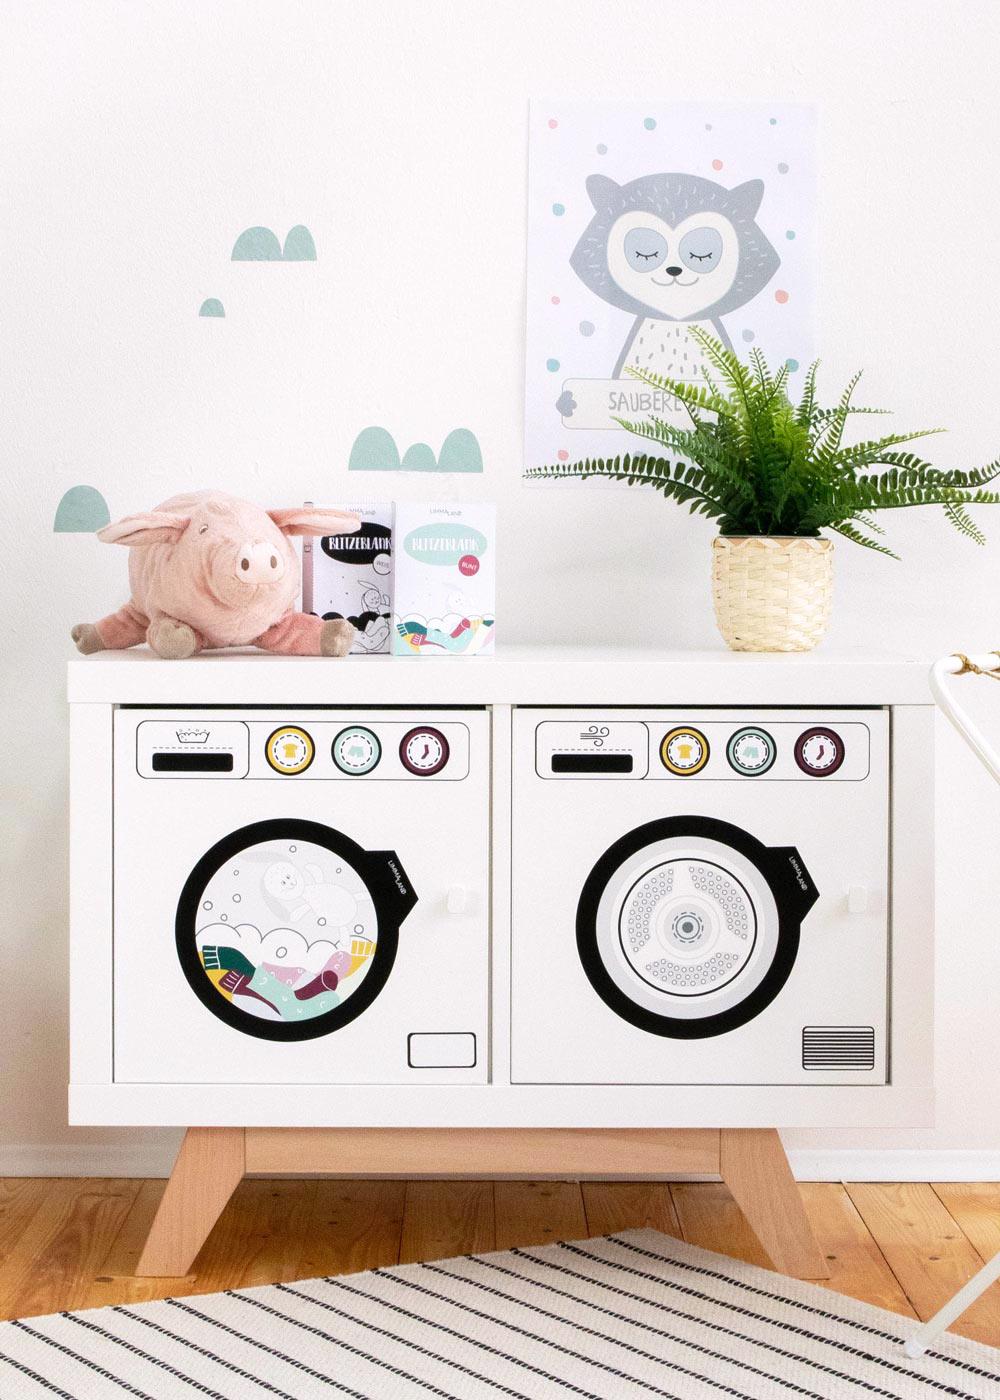 Kinderwaschmaschine Saubafix